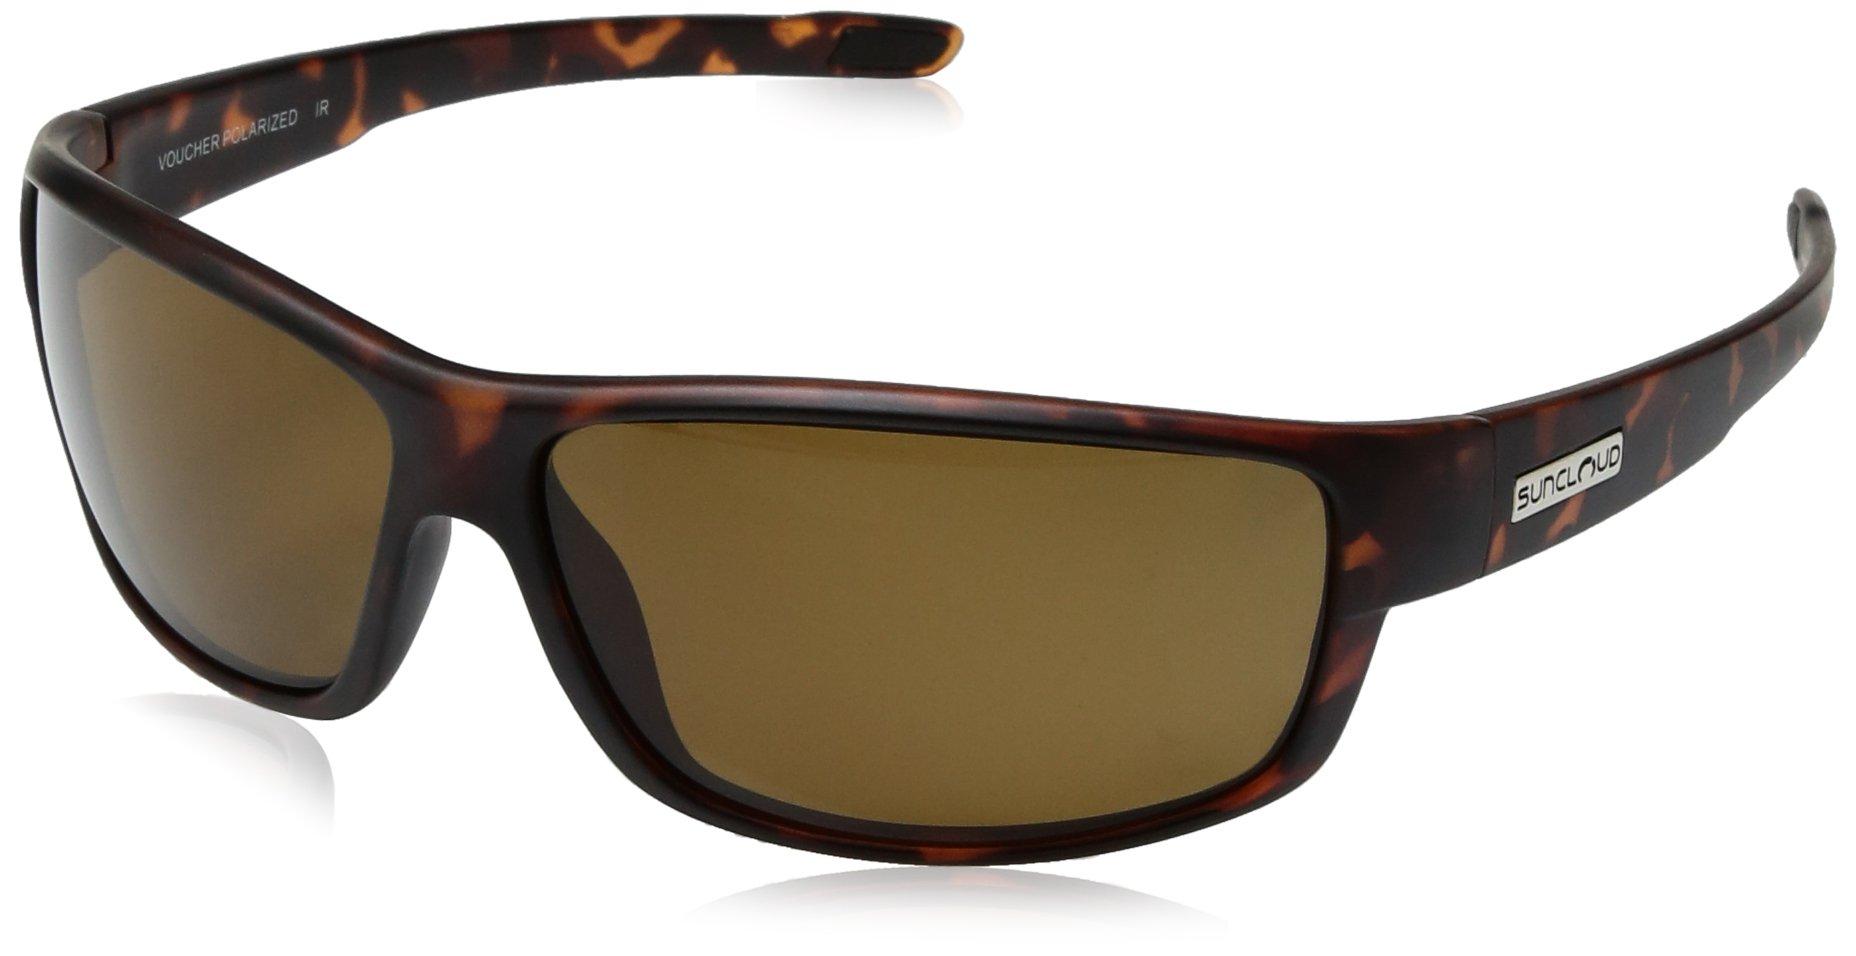 Suncloud Voucher Sunglasses, Matte Tortoise Frame/Brown Polycarbonate Lens, One Size by Suncloud